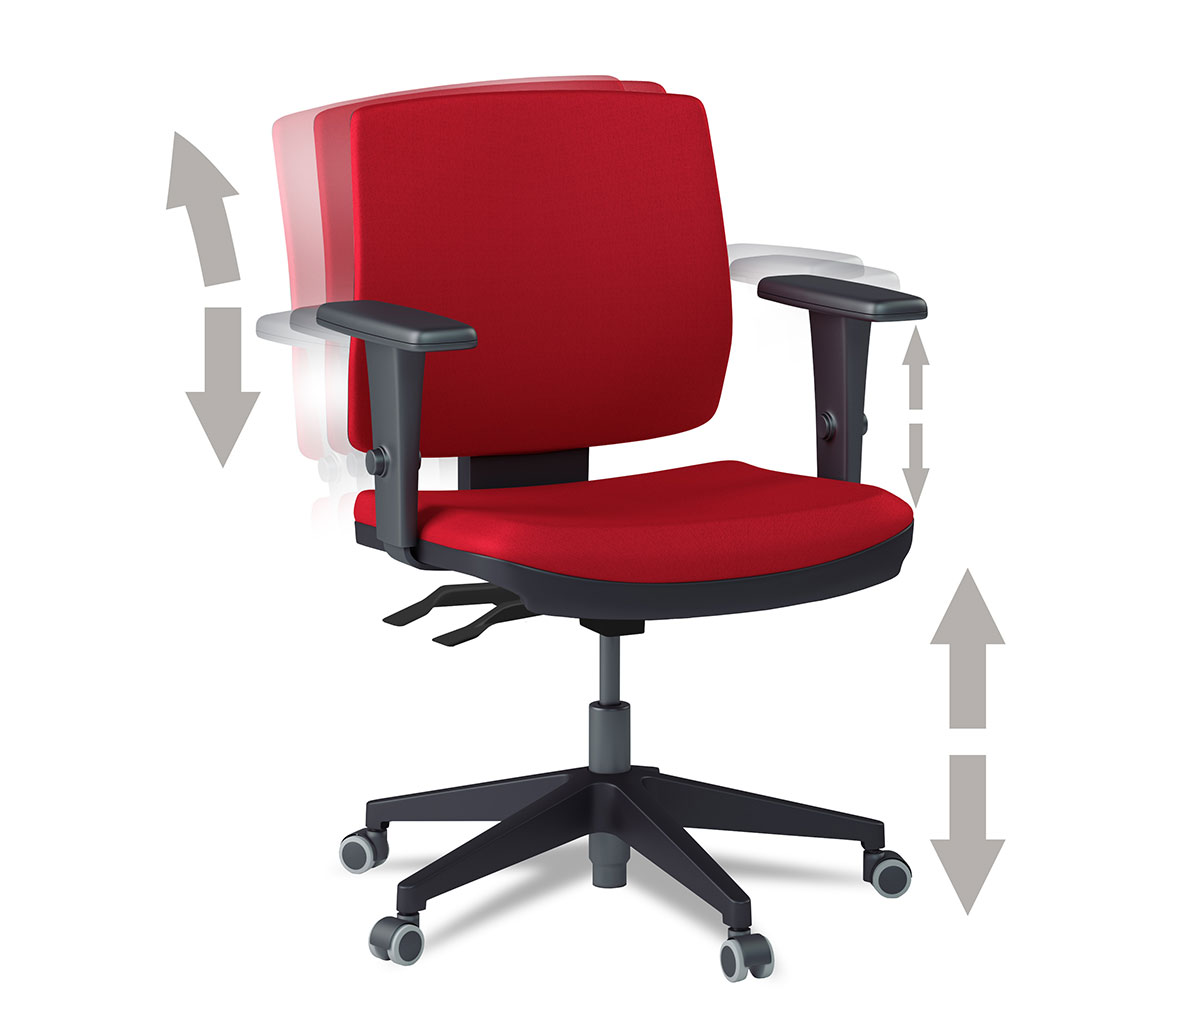 dicas-cadeira-ideal-RS-Design-2